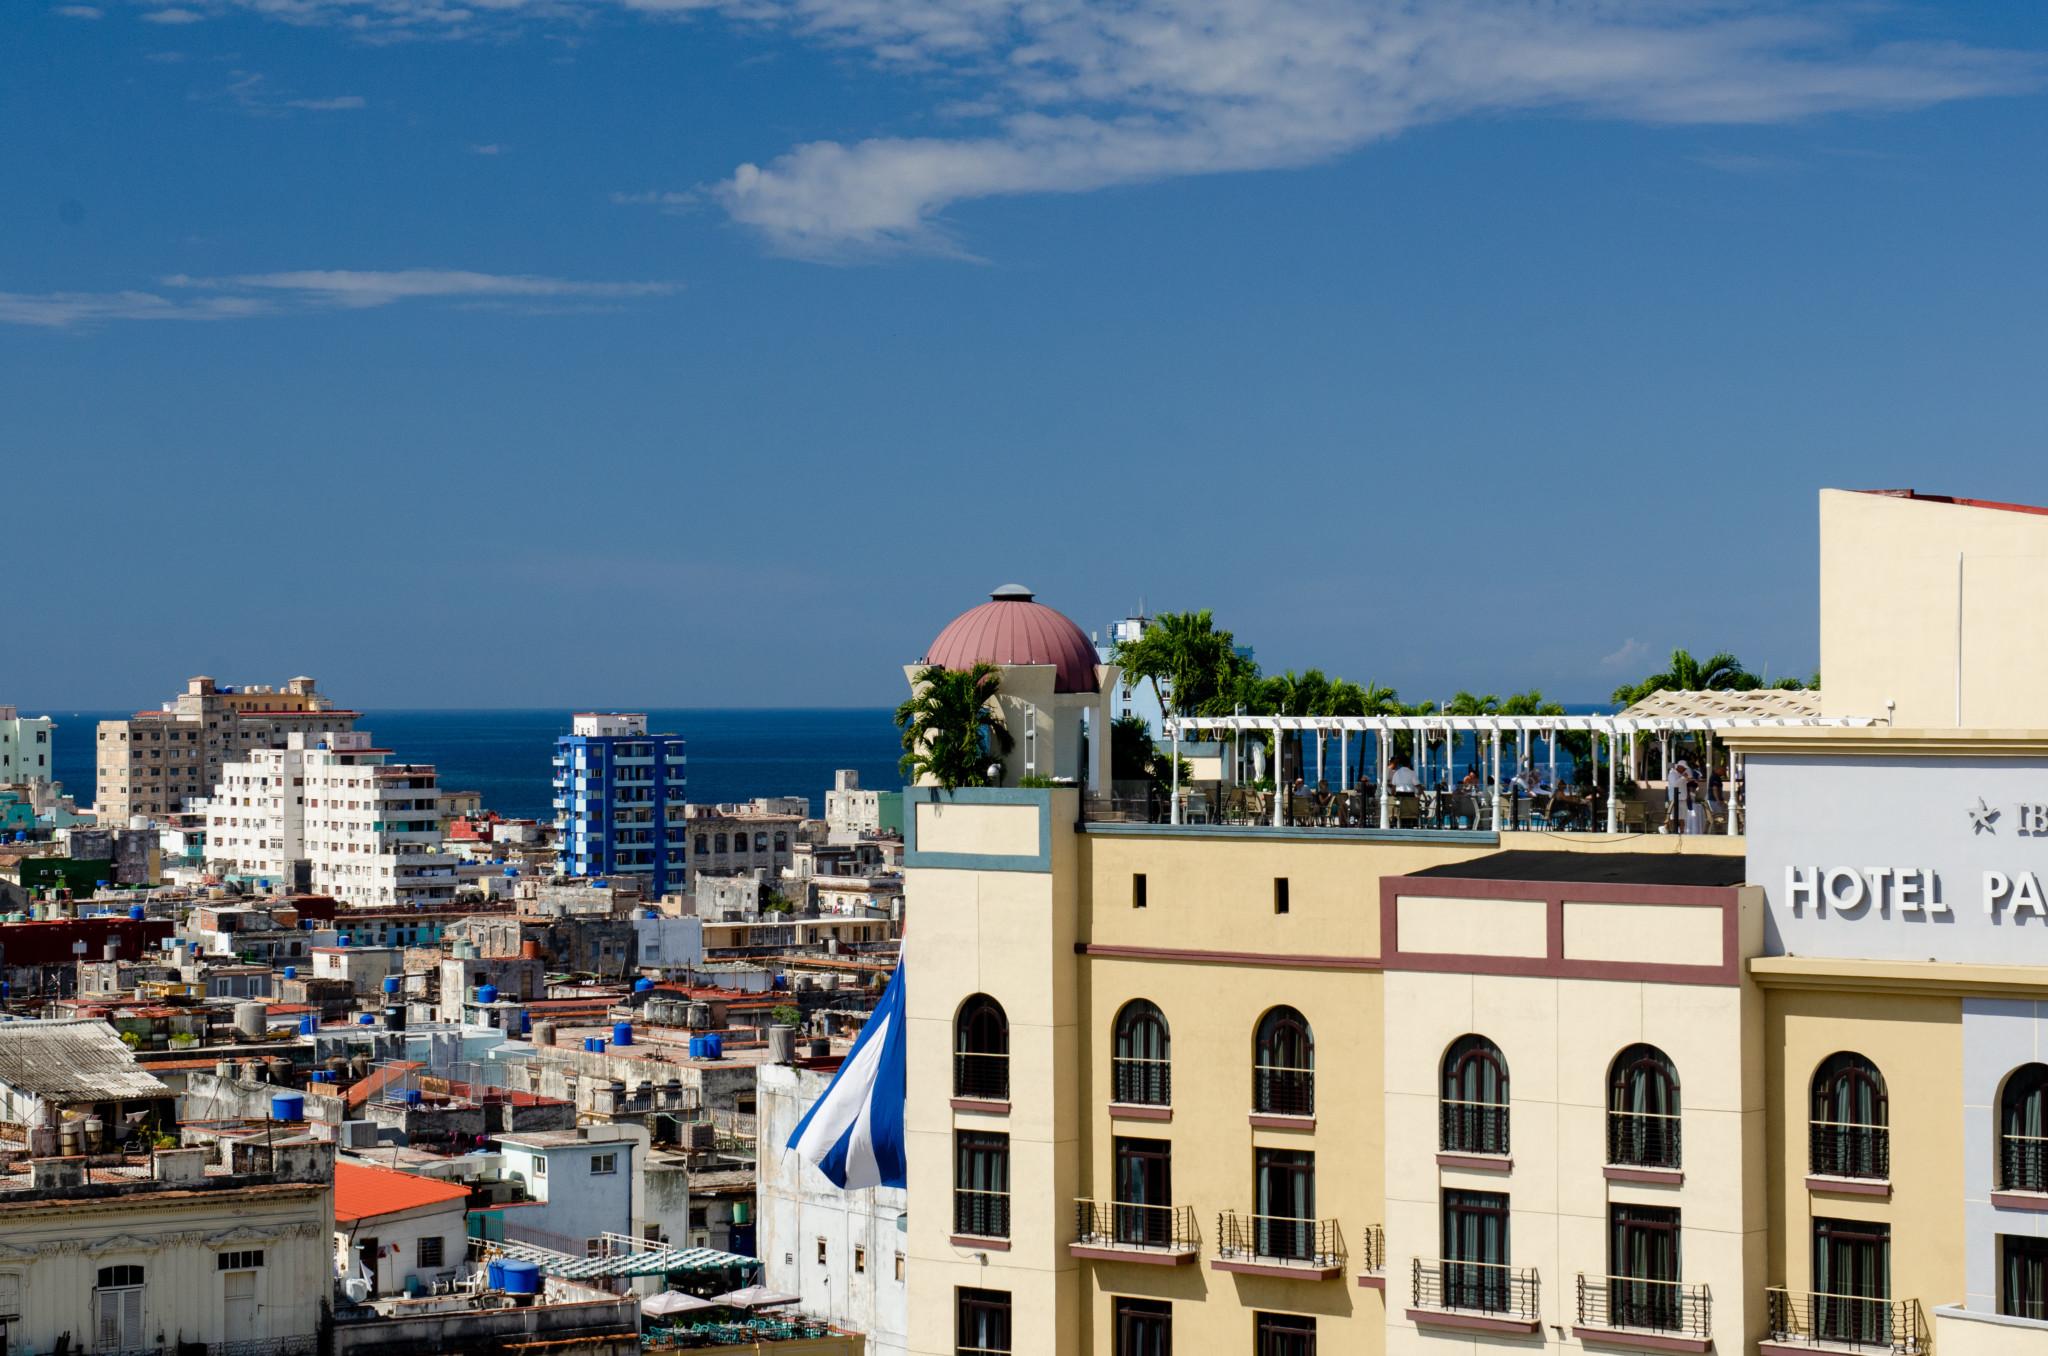 Übernachten in Kuba lässt sich einfach organisieren